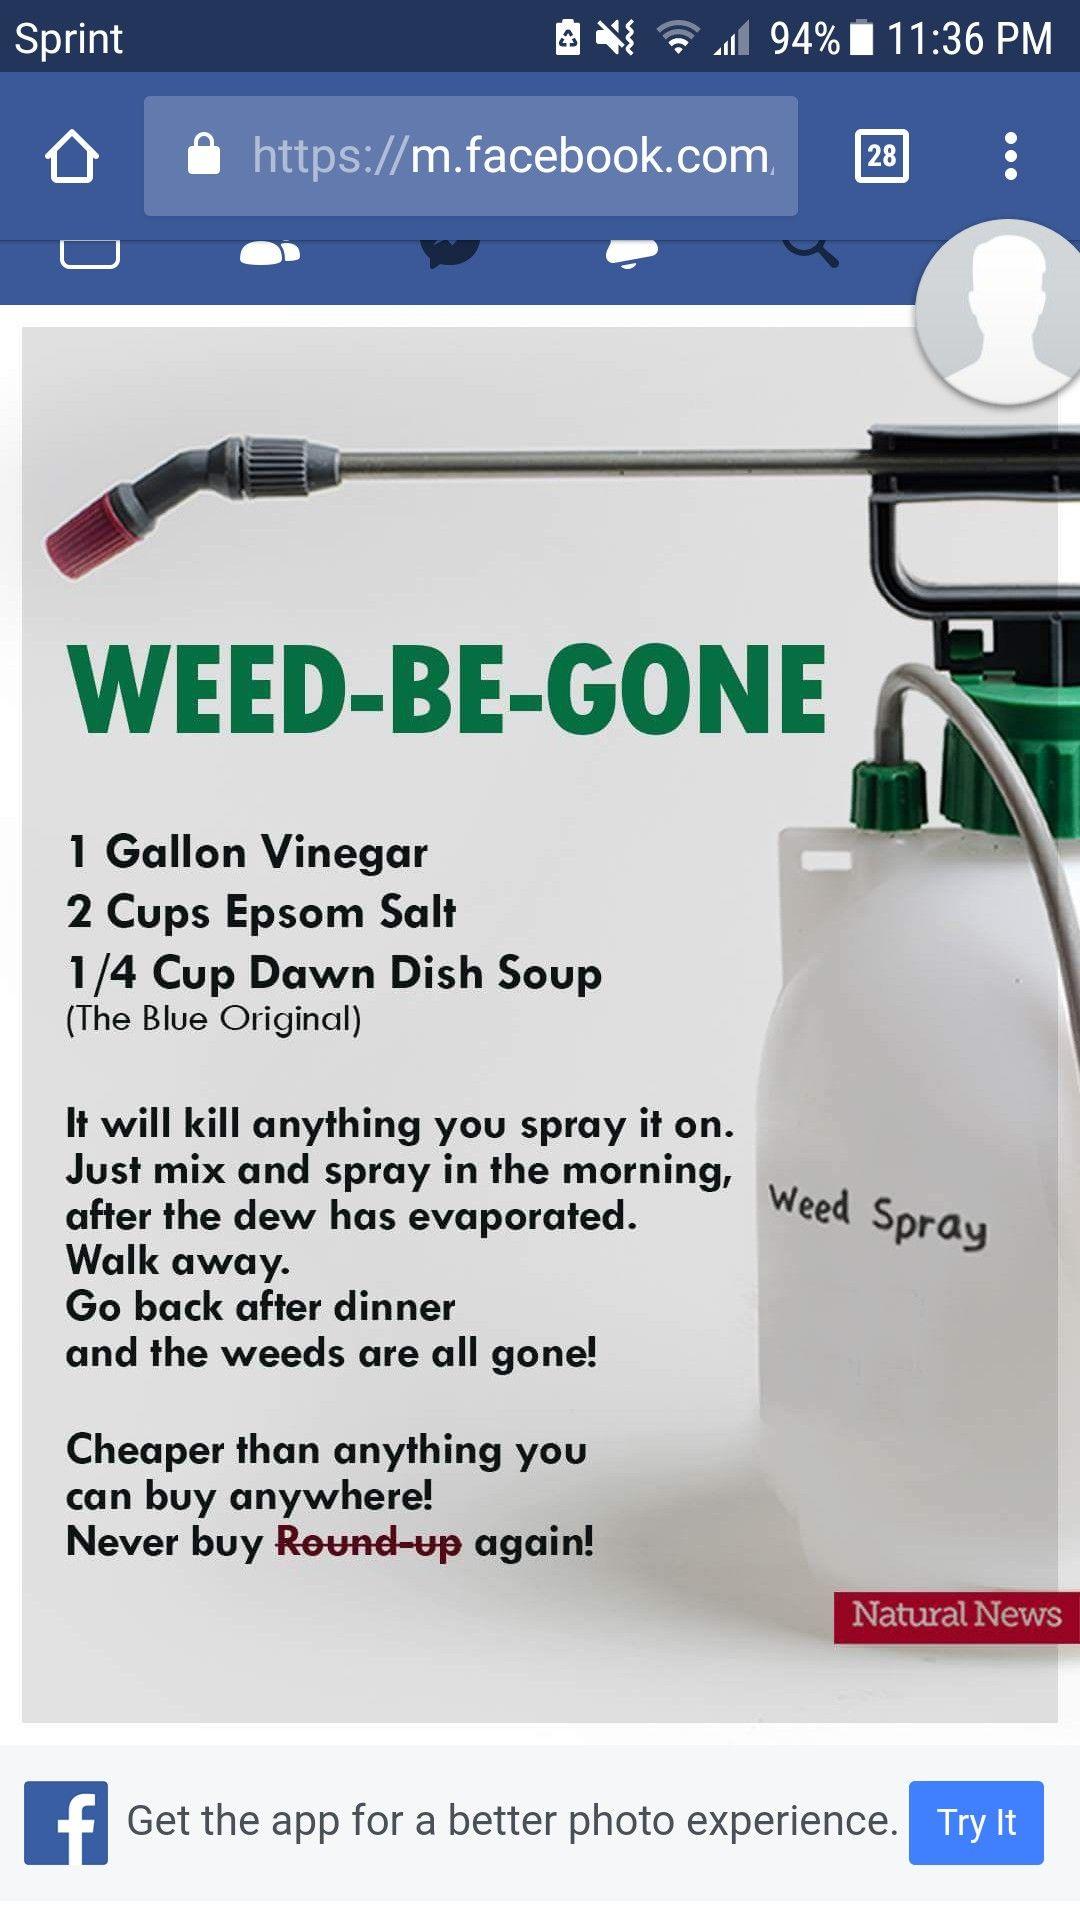 Vinegar epsom salt and dish soap ud fantastic weed killer yard